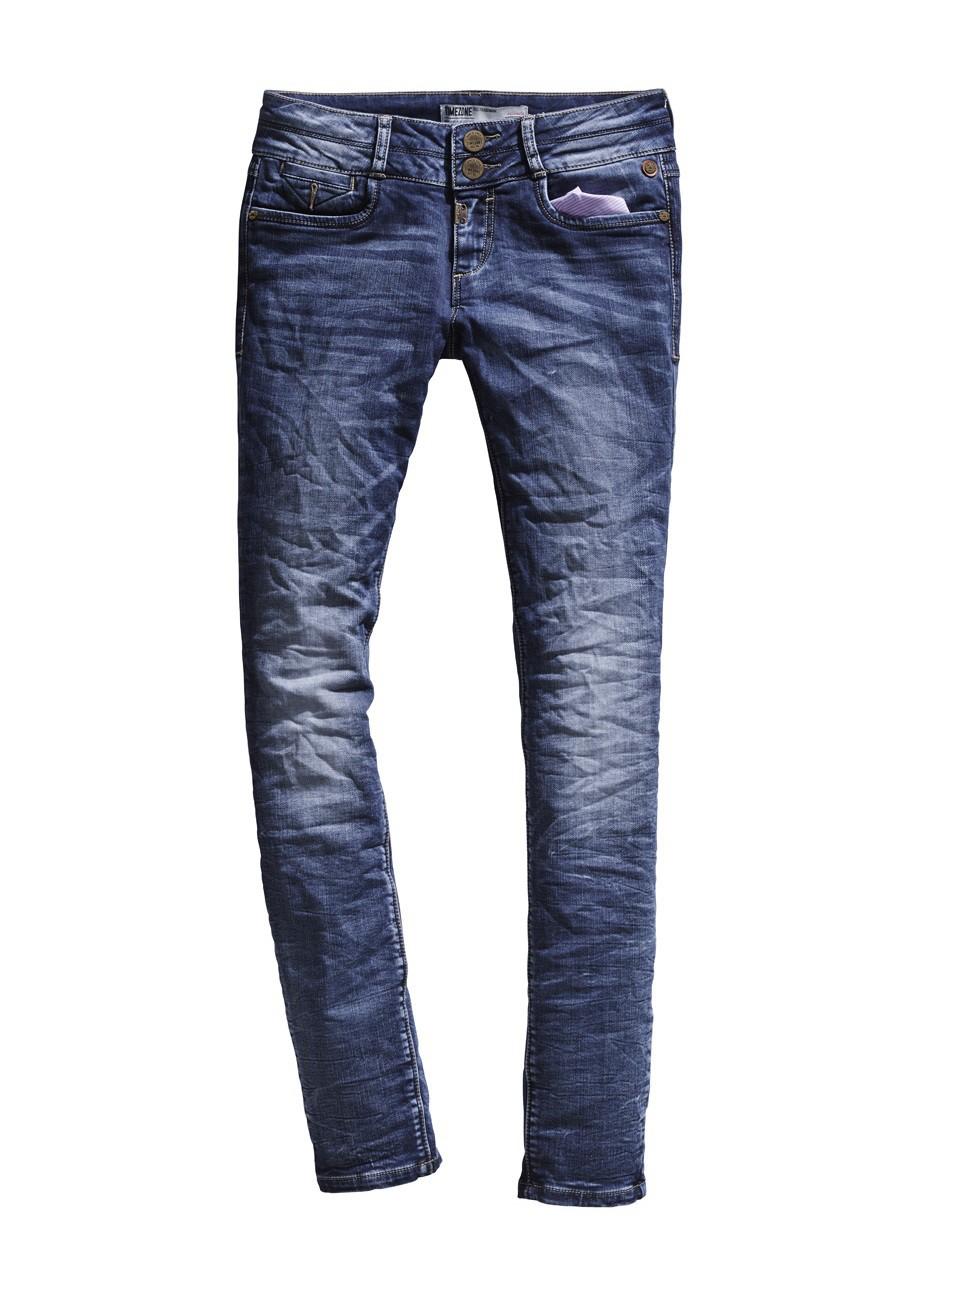 timezone damen jeans enyatz slim fit workman wash kaufen jeans direct de. Black Bedroom Furniture Sets. Home Design Ideas